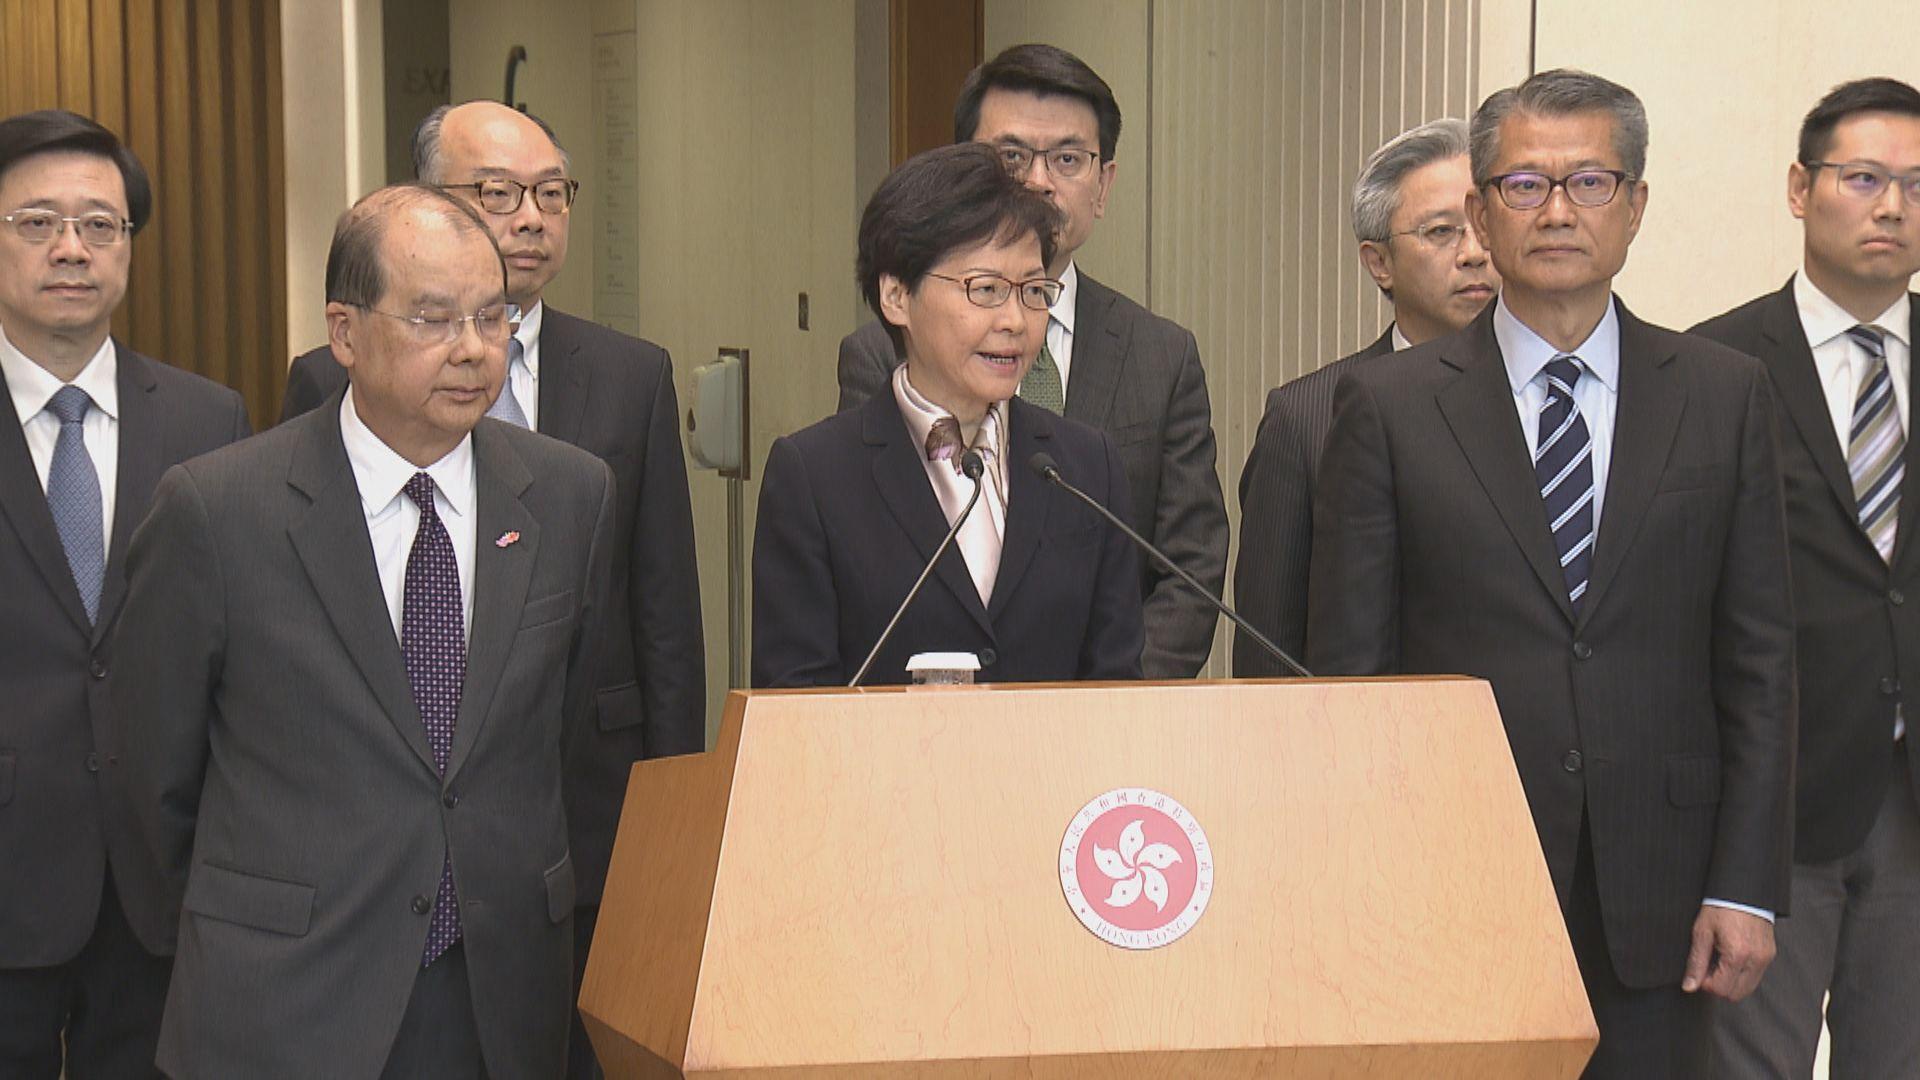 【最新】林鄭月娥:因應香港狀況警方將每日會舉行記者會